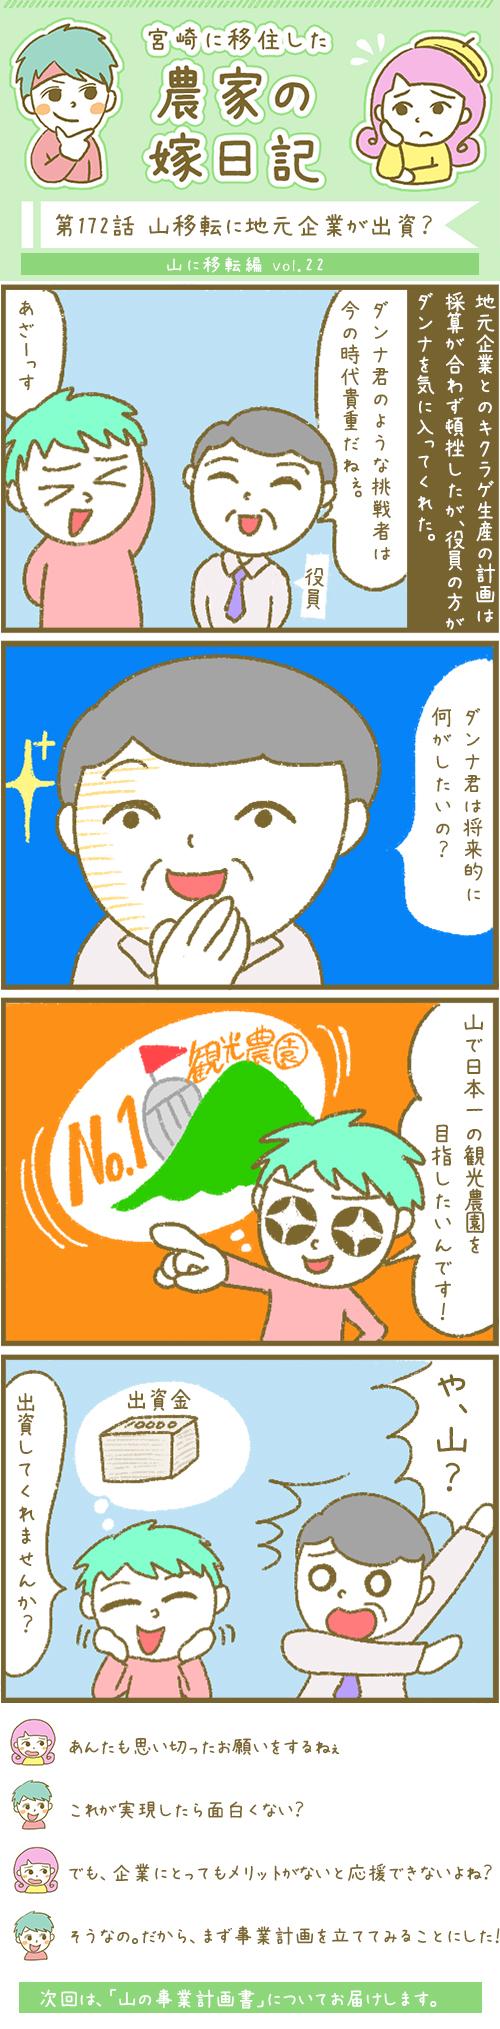 宮崎に移住した漫画第172話